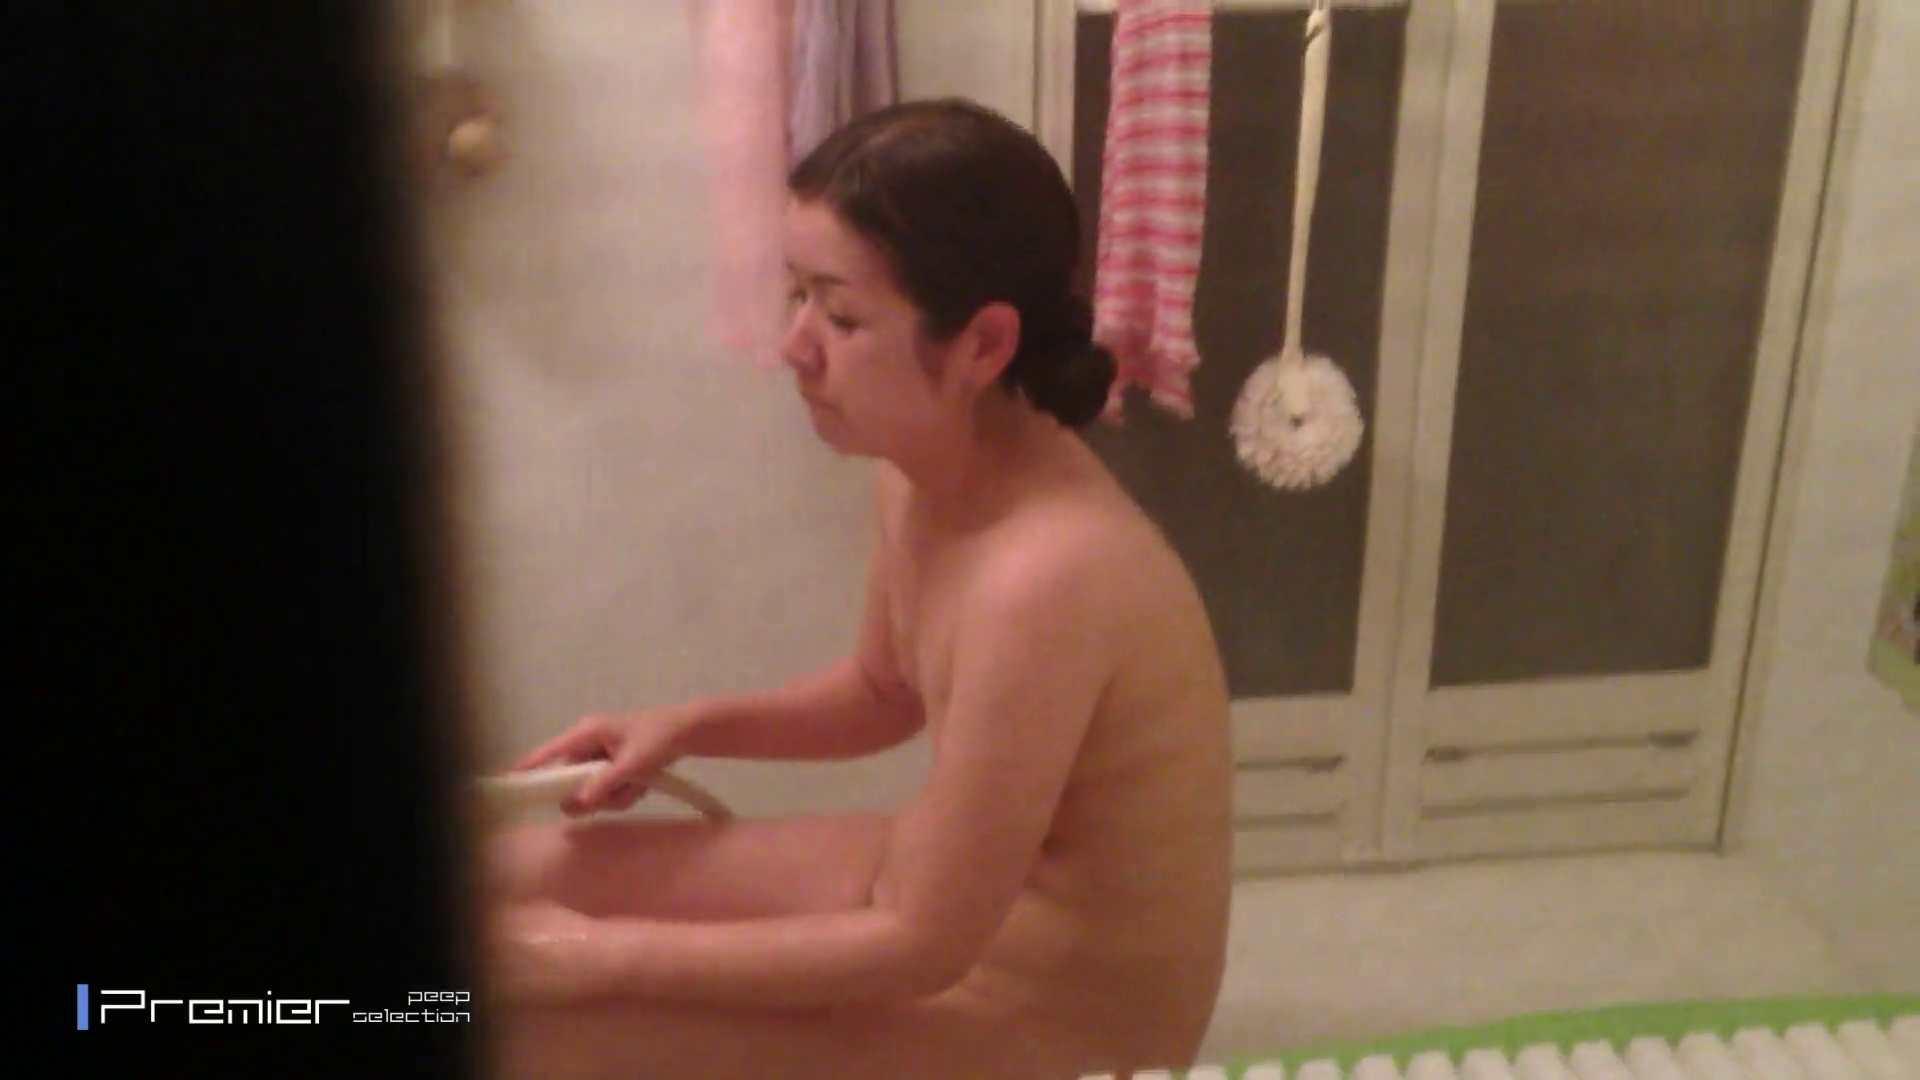 臨場感抜群!美人 OL の入浴シーン未公開版  美女達の私生活に潜入! 美女のボディ AV無料動画キャプチャ 98PIX 20